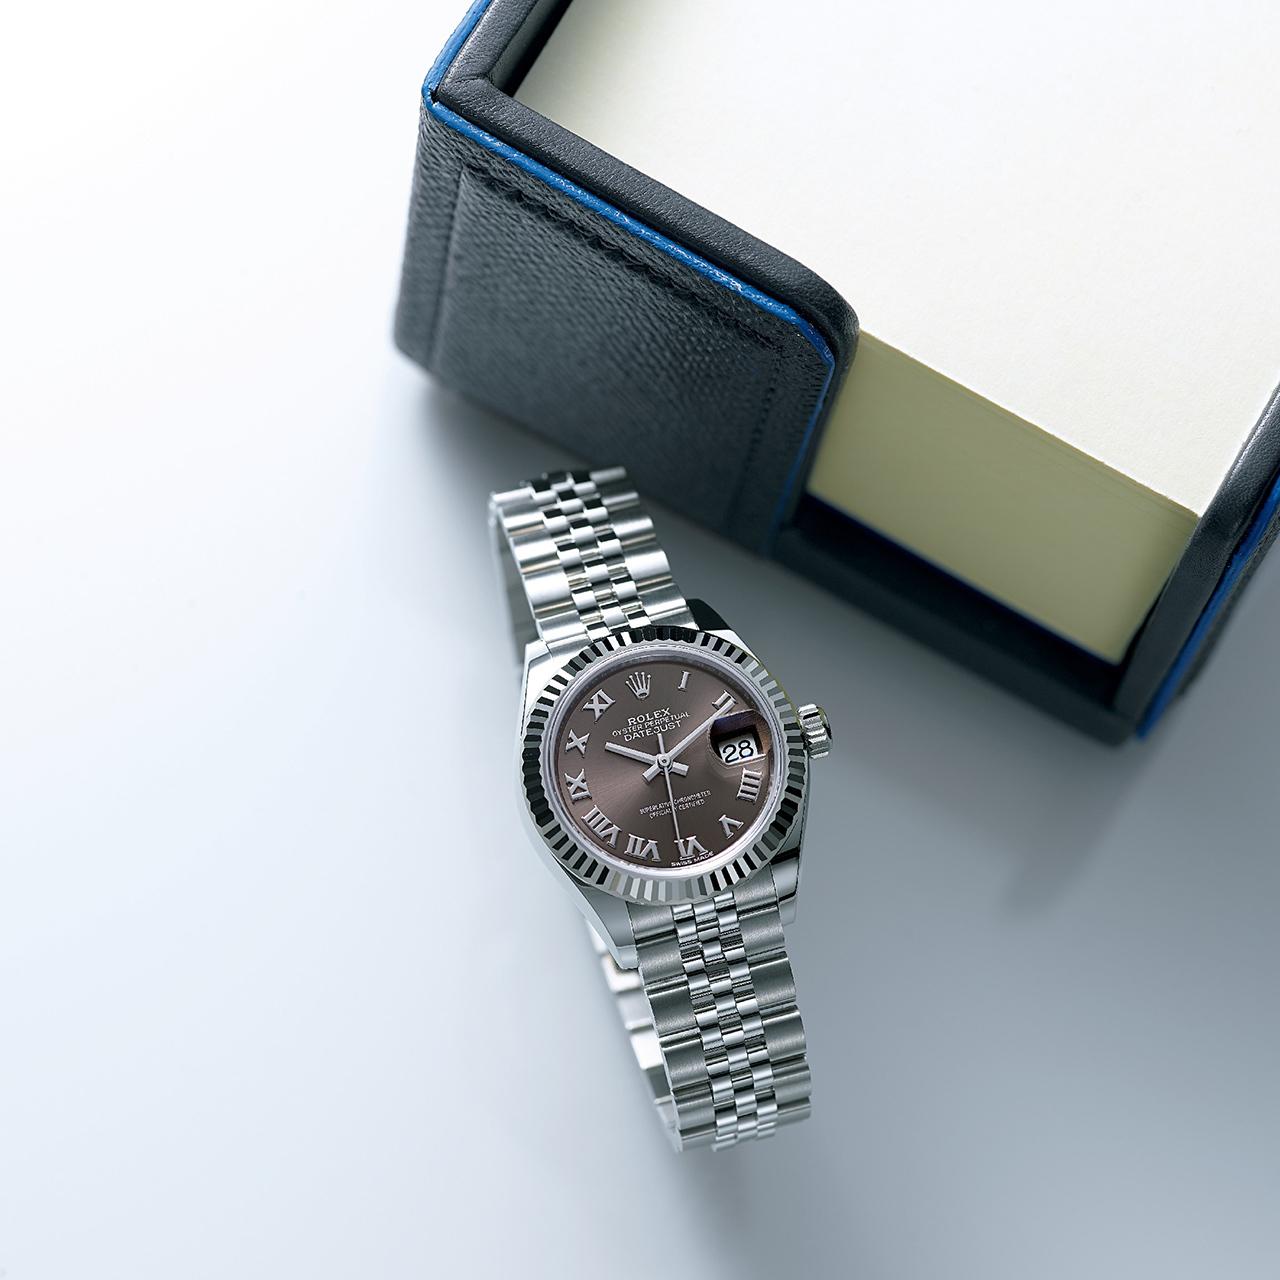 大人の女性にピッタリの時計 photo gallery_1_1-2